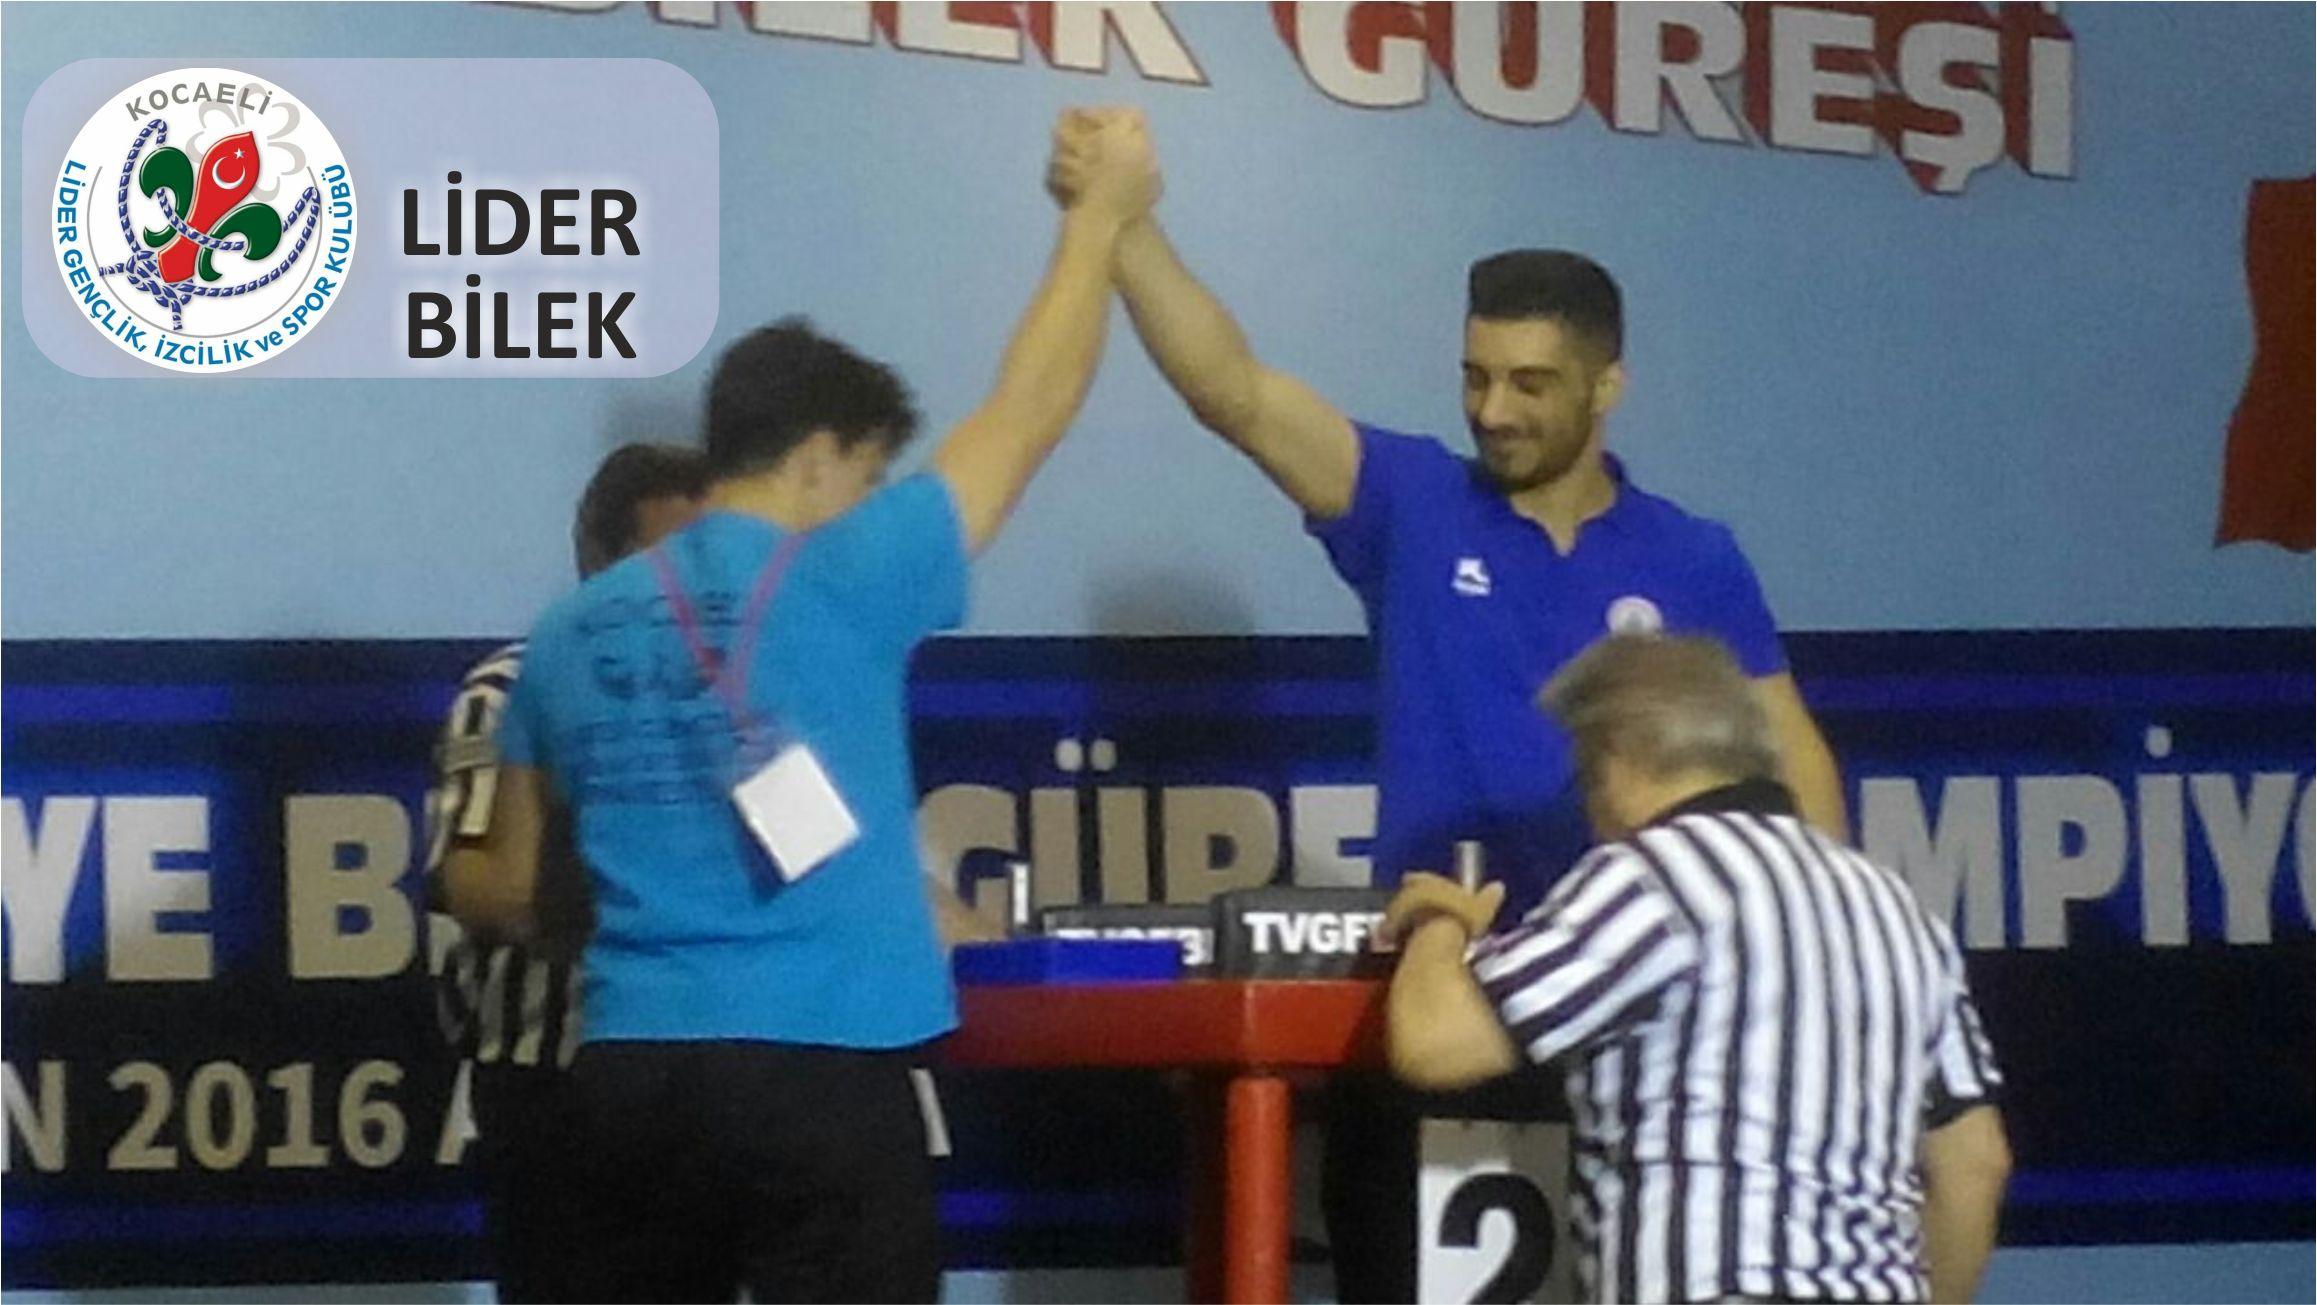 Kocaeli Lider Gençlik, Türkiye Bilek Güreşi Yarışması'ndan 2 Altın, 2 Gümüş, 1 Bronzla Döndü